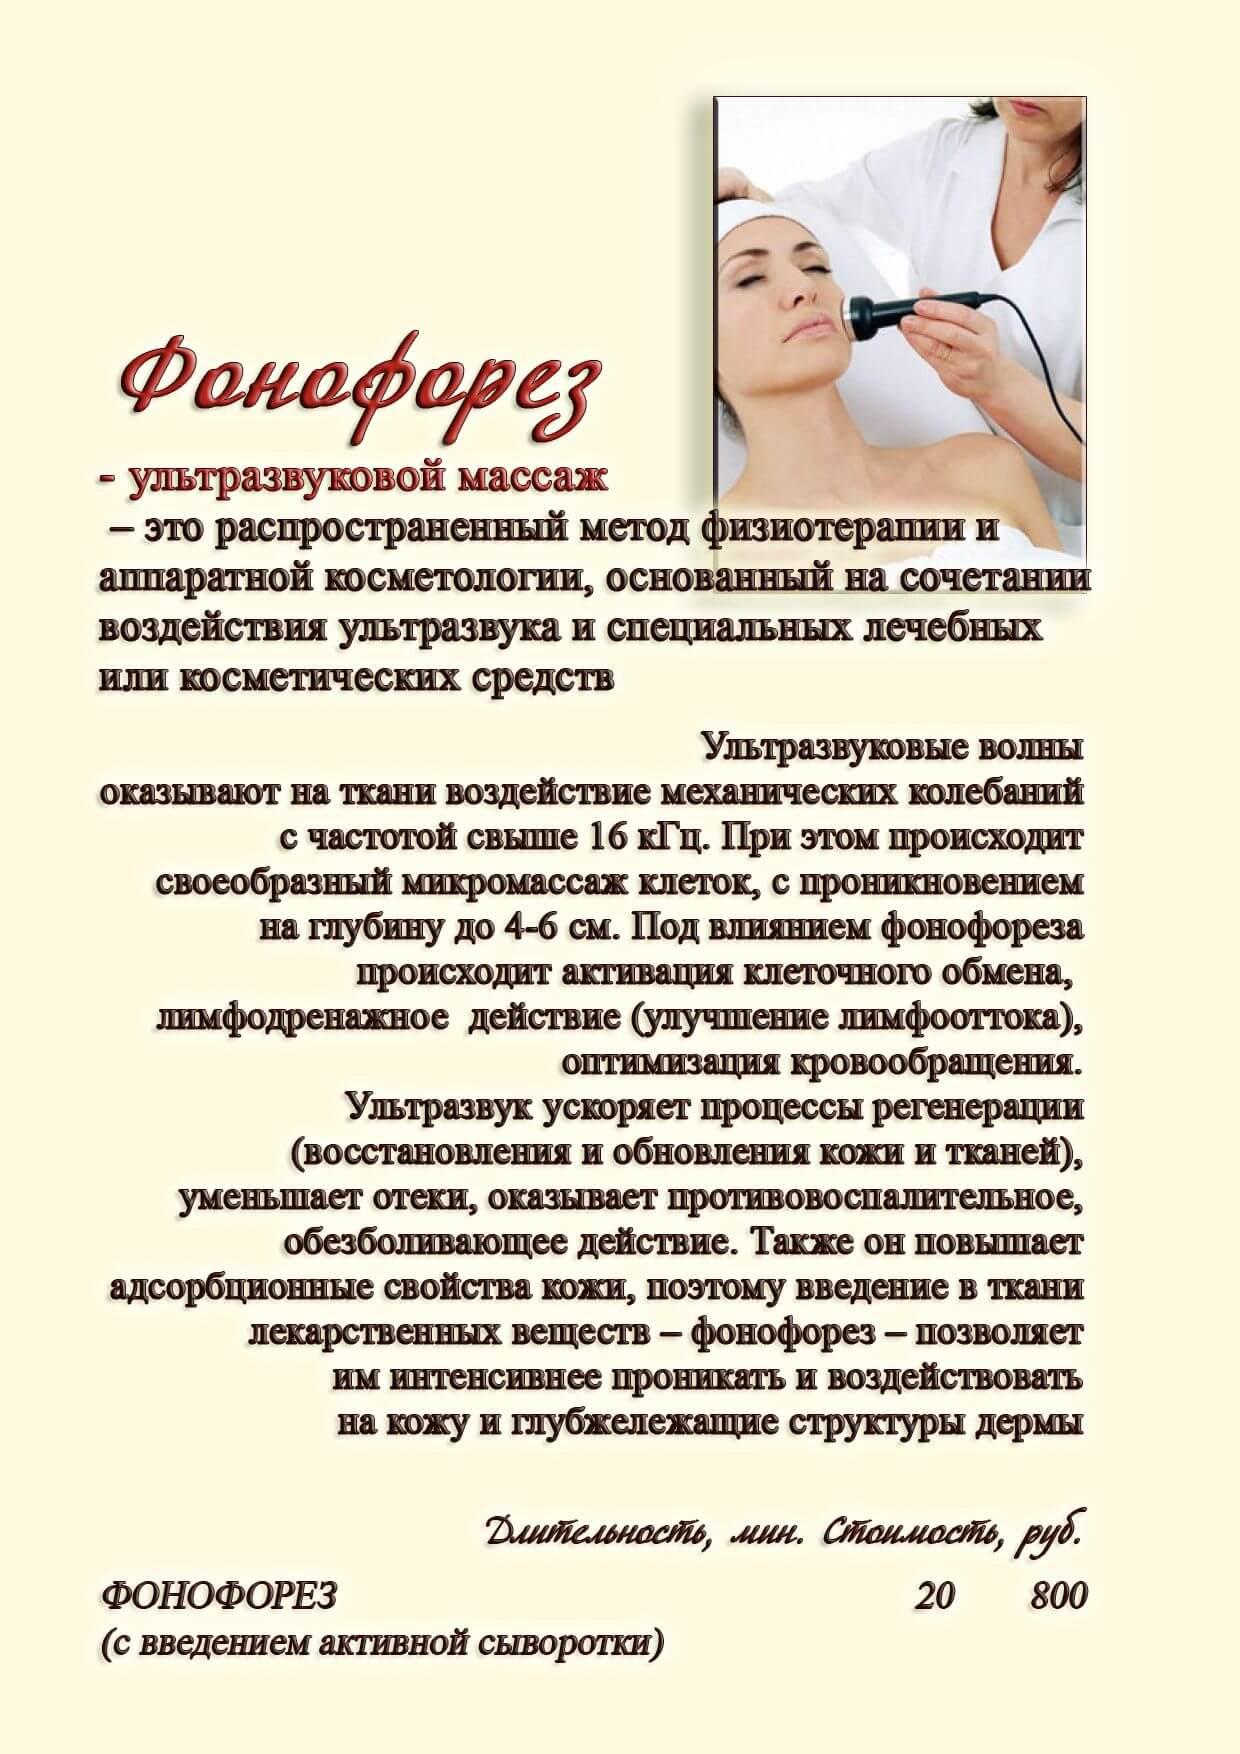 Цены на фонофорез - Гранд отель Гагра - отель европейского уровня в Абхазии (Grand Hotel Gagra)